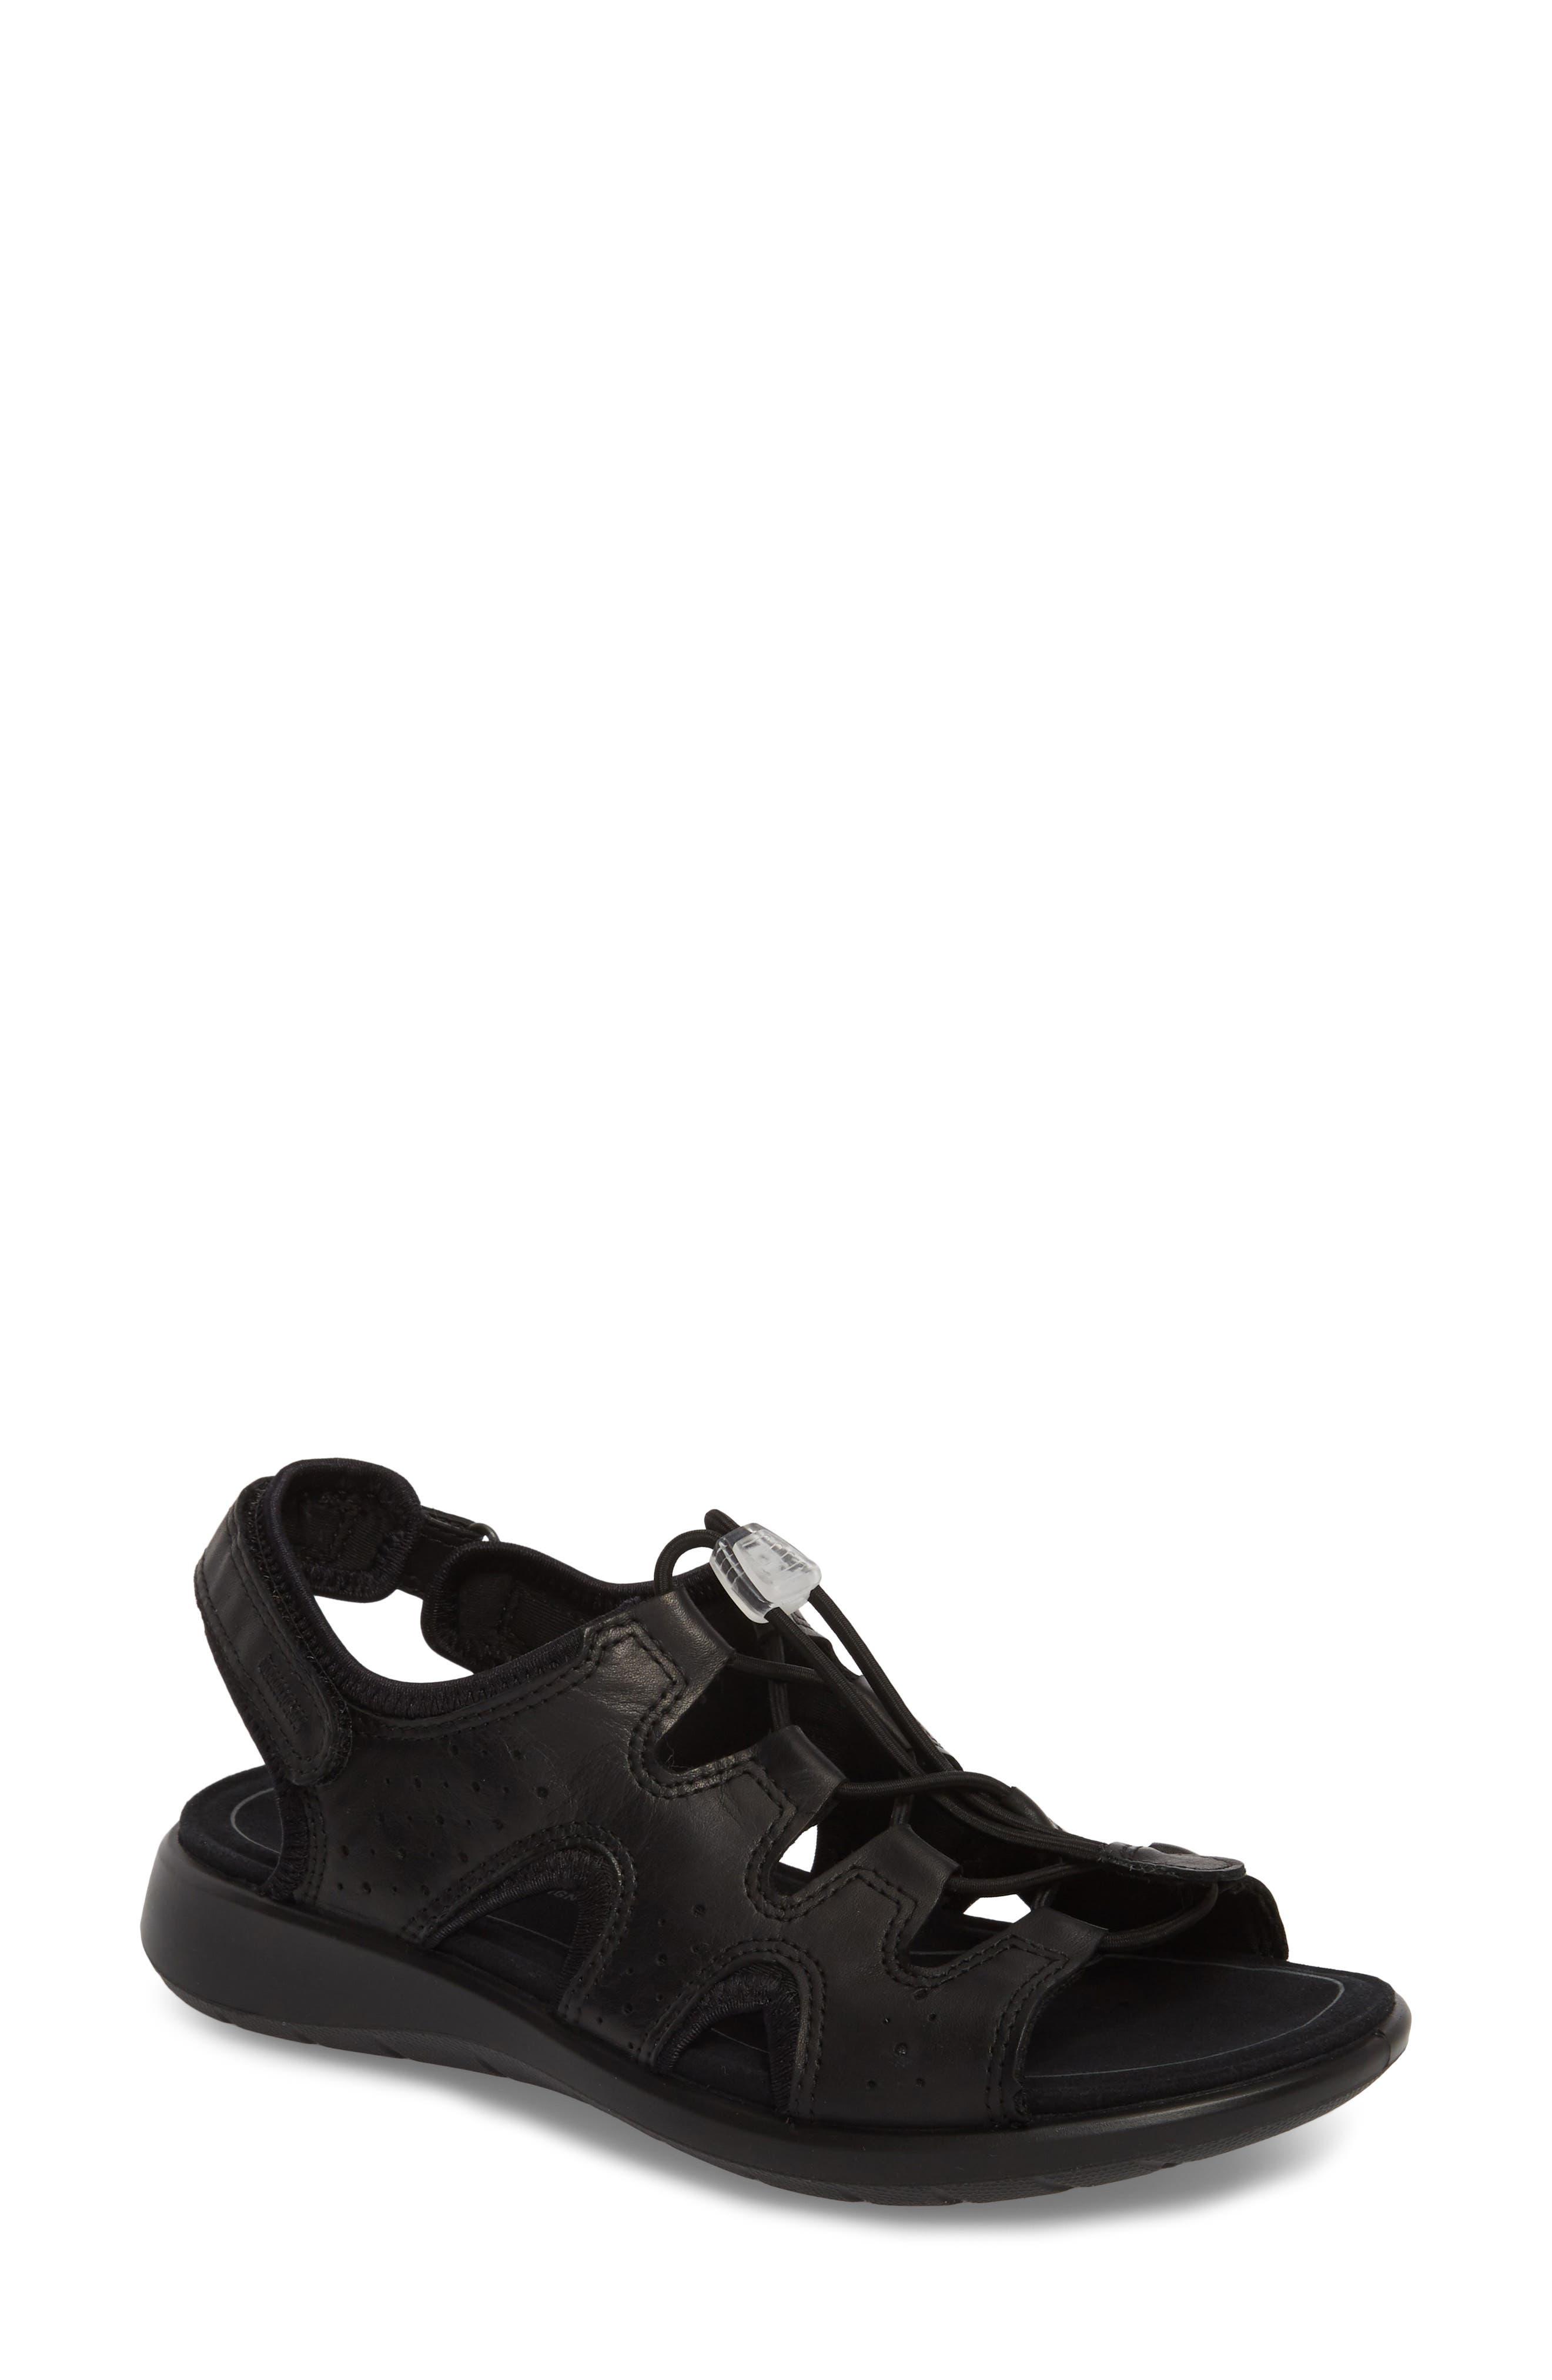 Bluma Toggle Sandal,                         Main,                         color, Black Leather